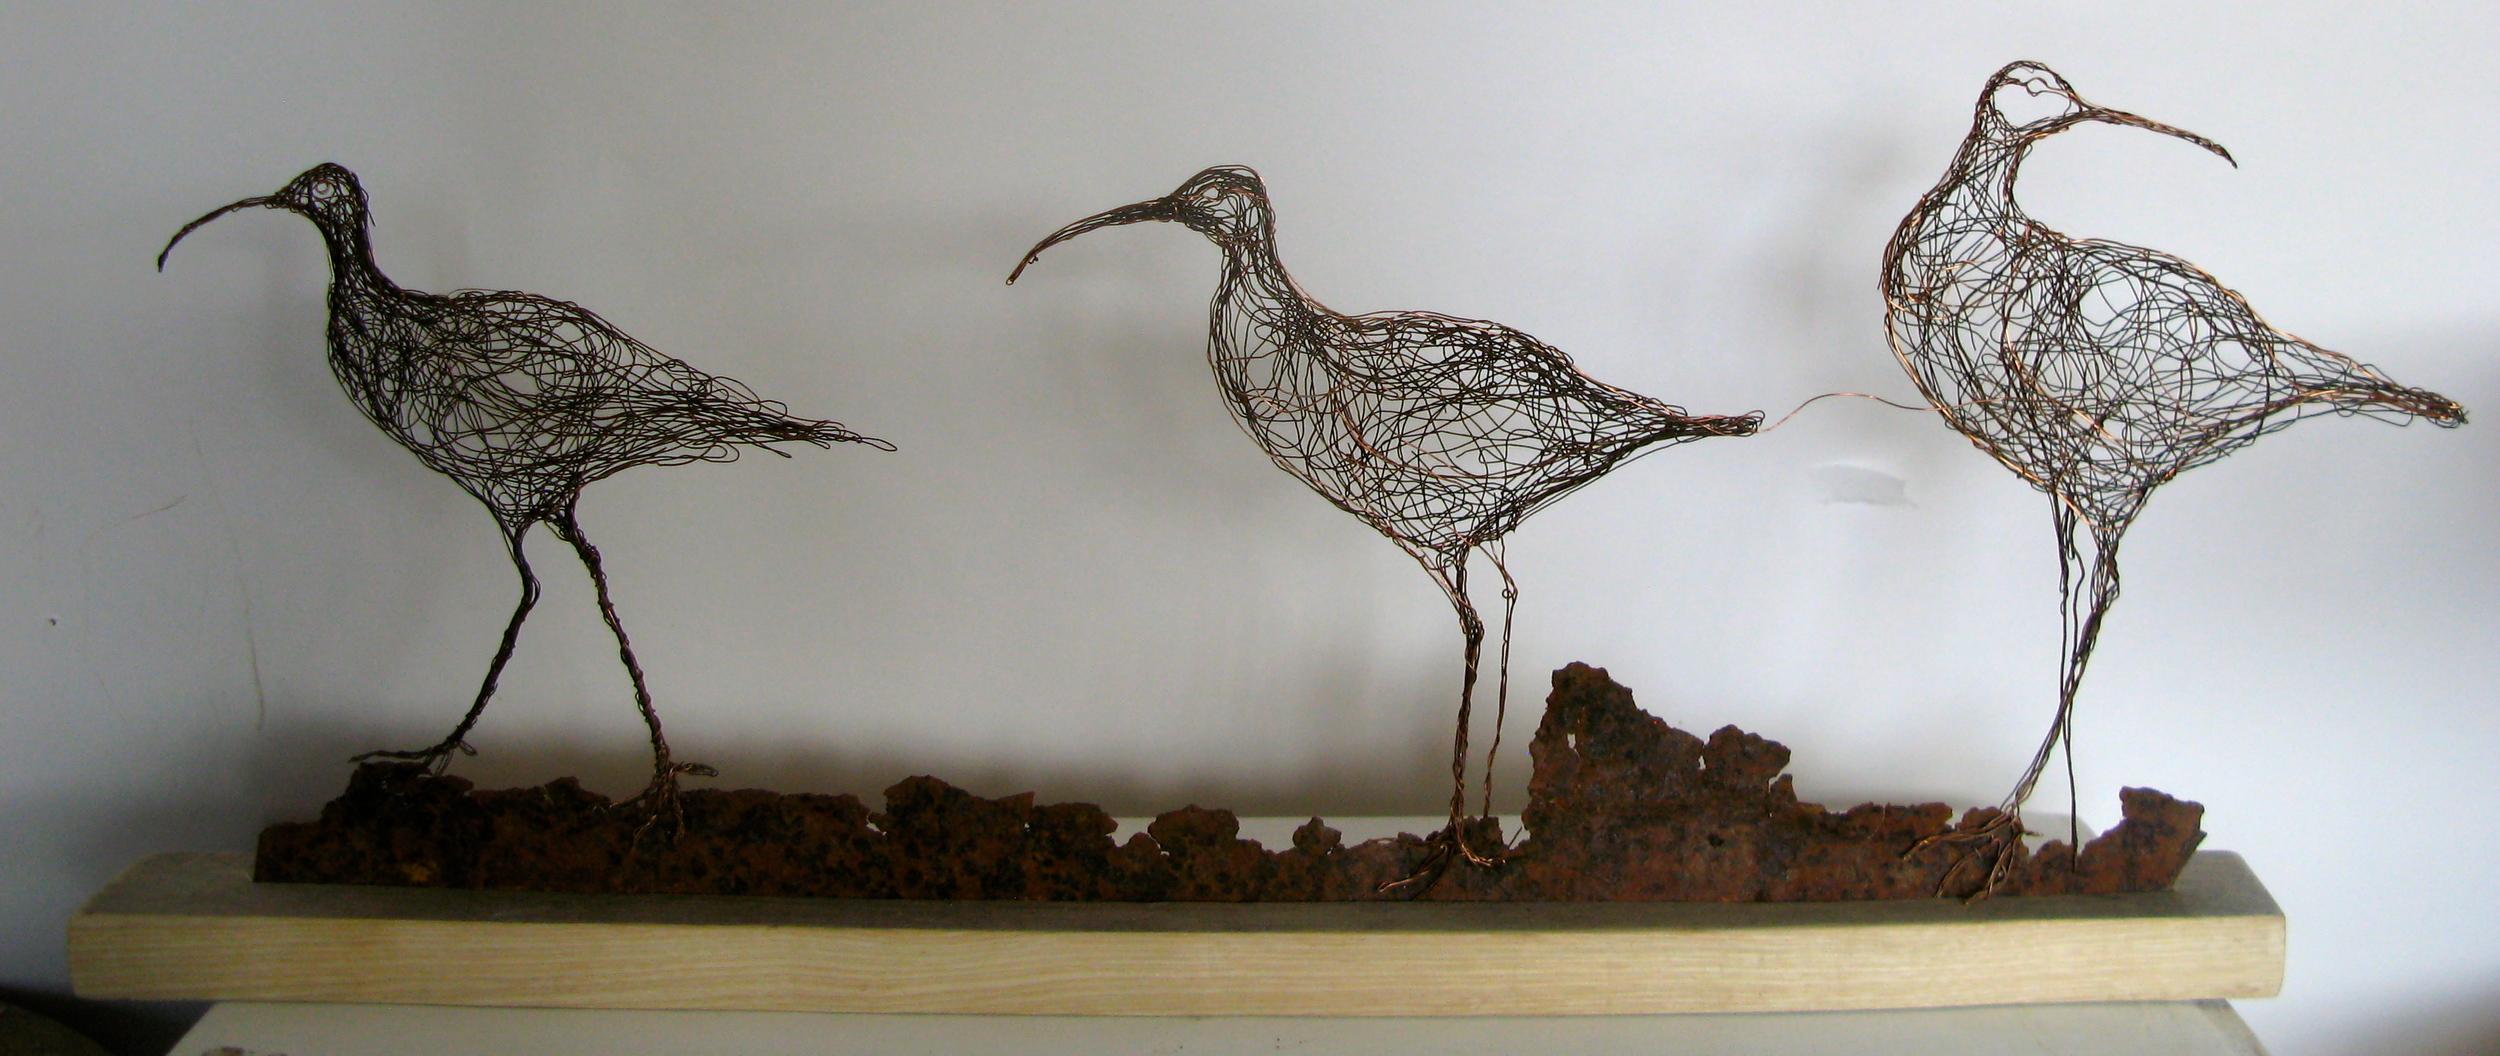 3 Curlews